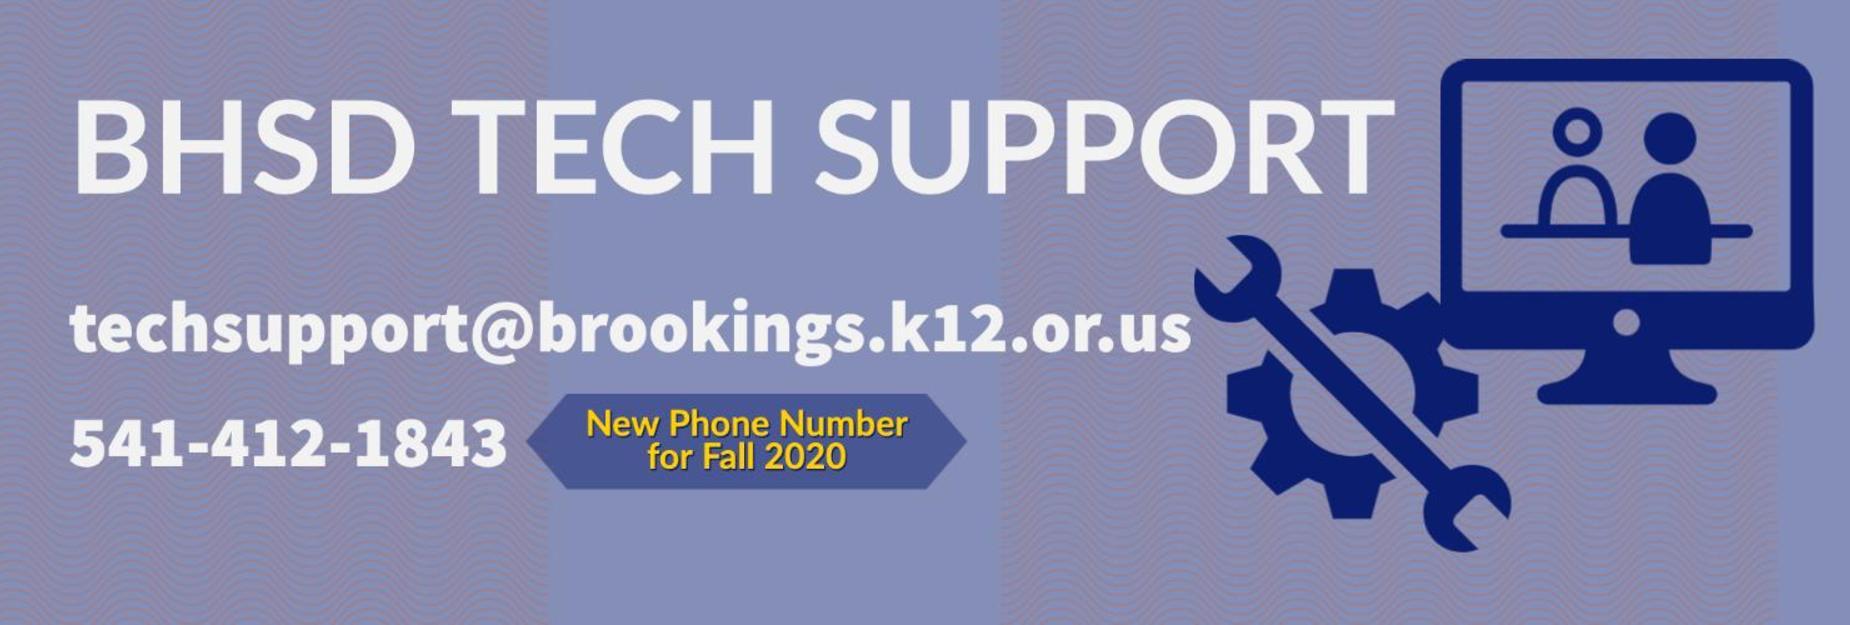 tech support